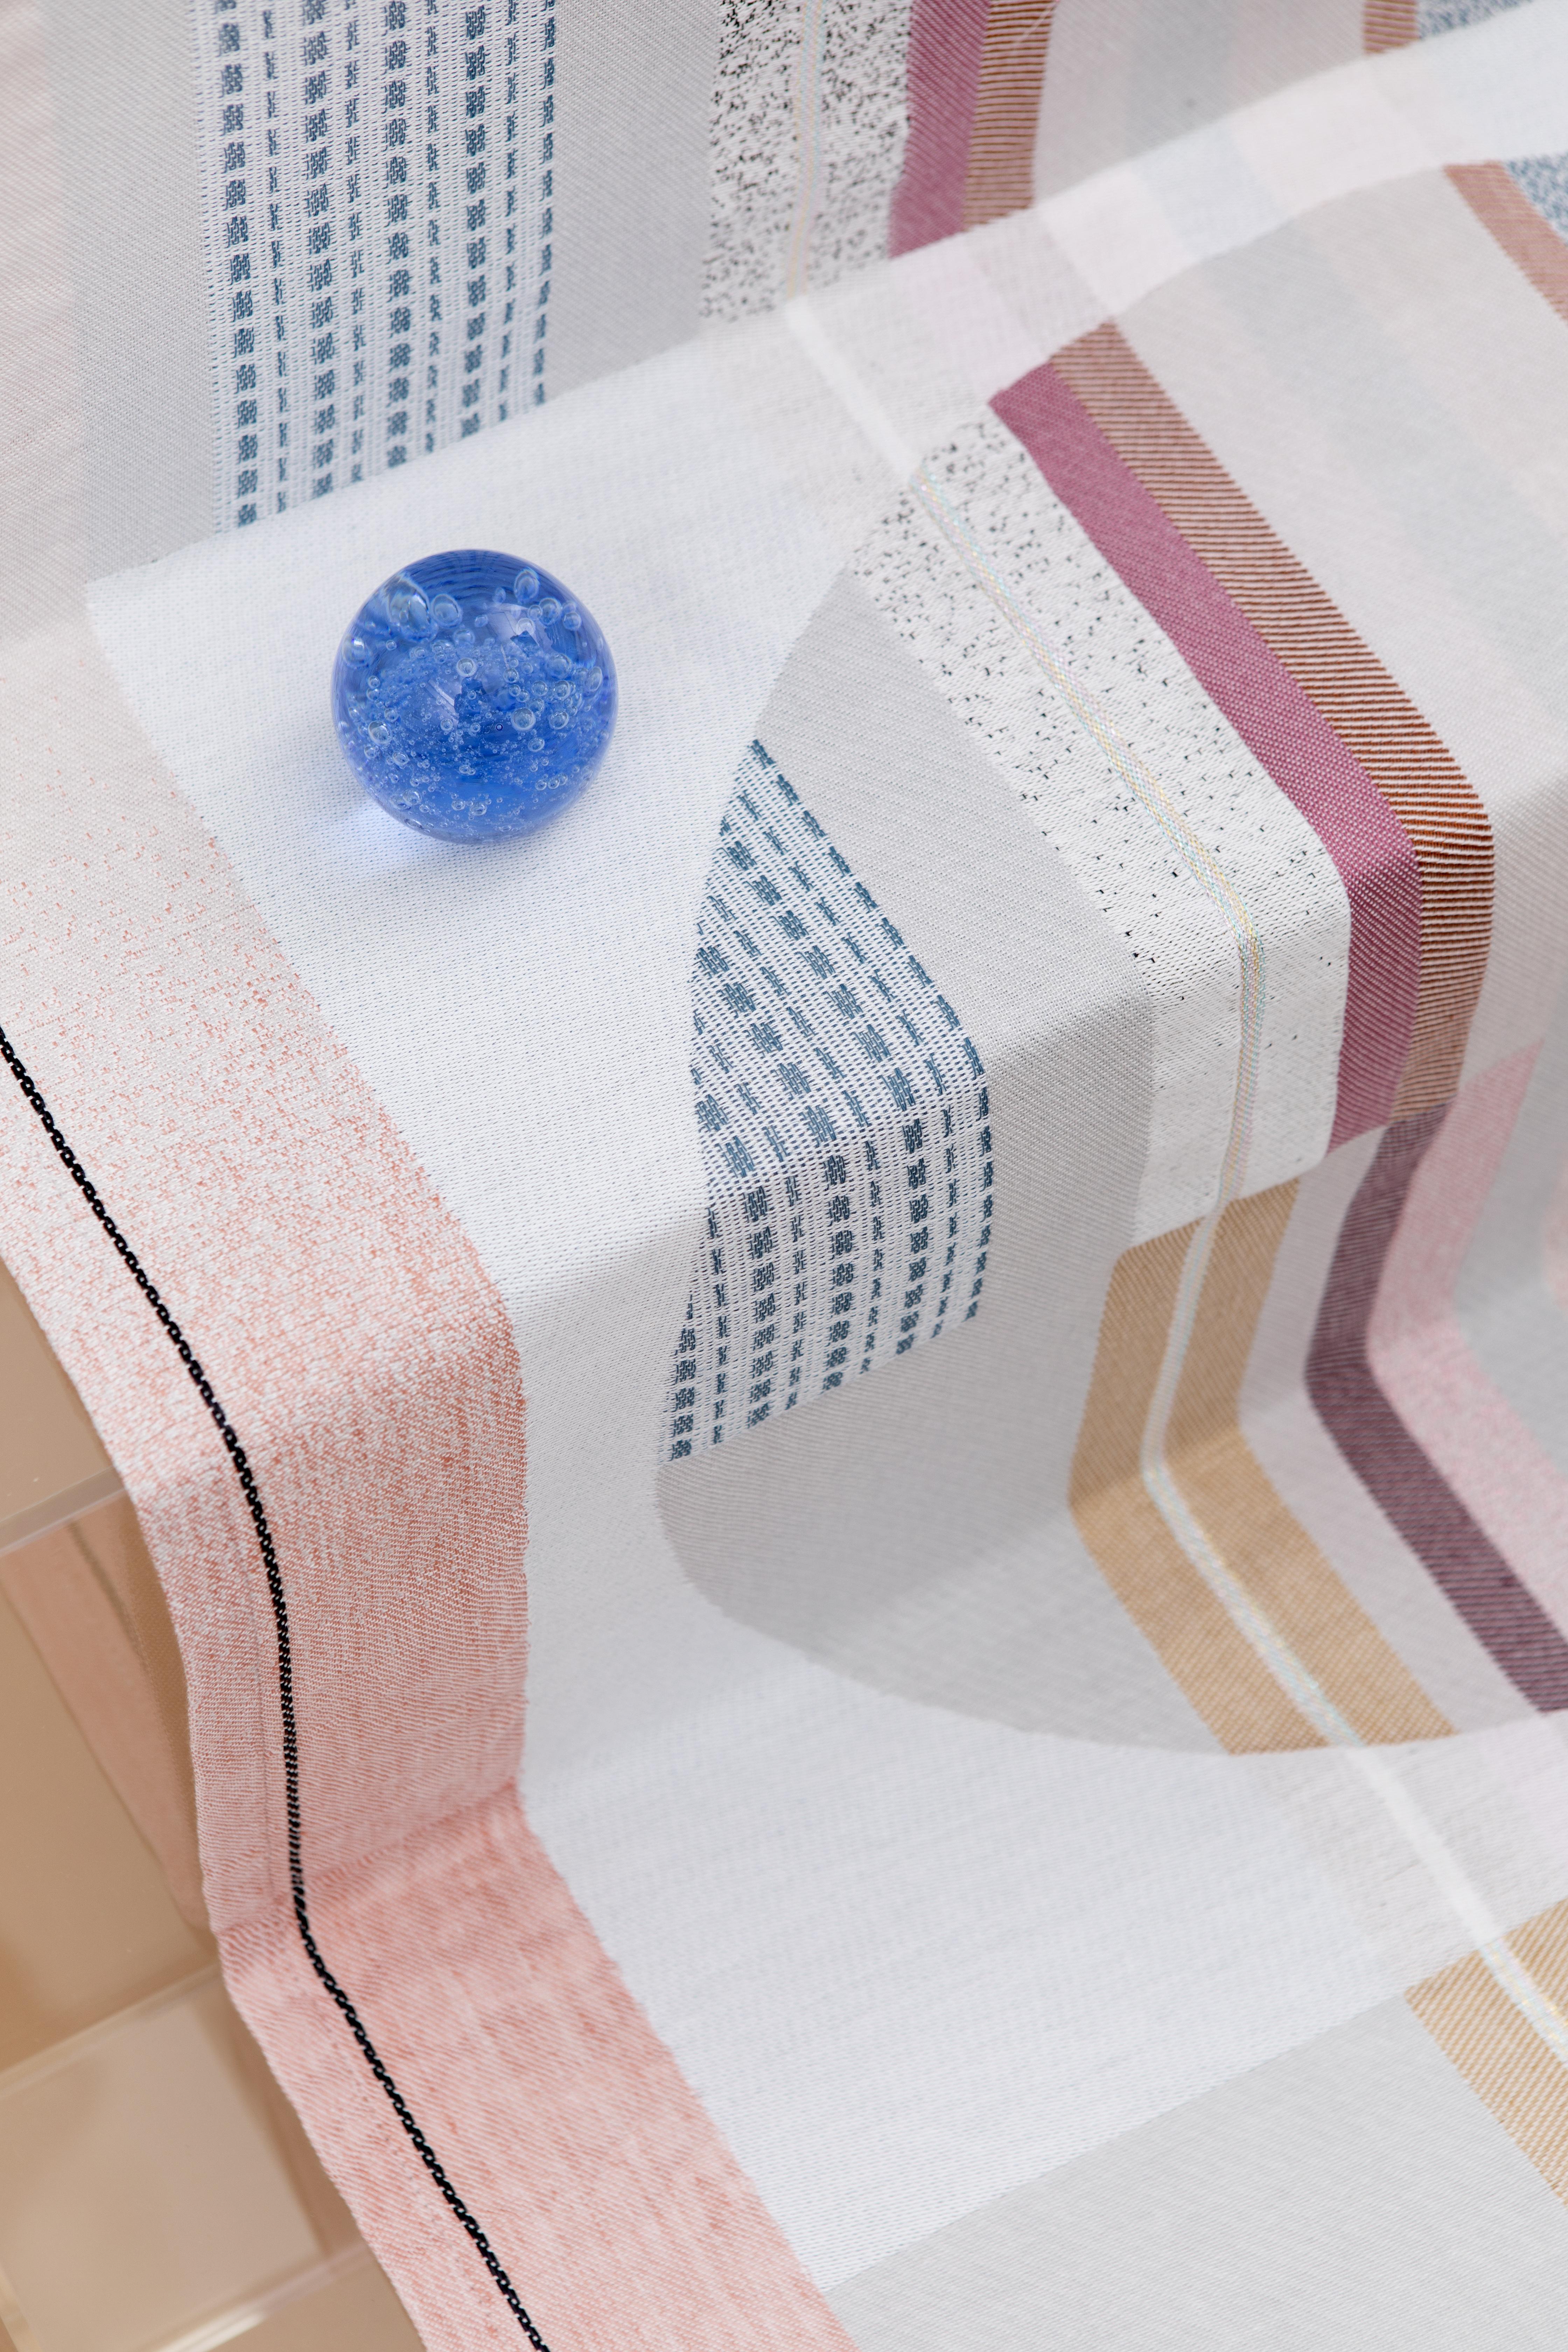 Ode aan bauhaus door mae engelgeer – stoffen voor textielmuseum